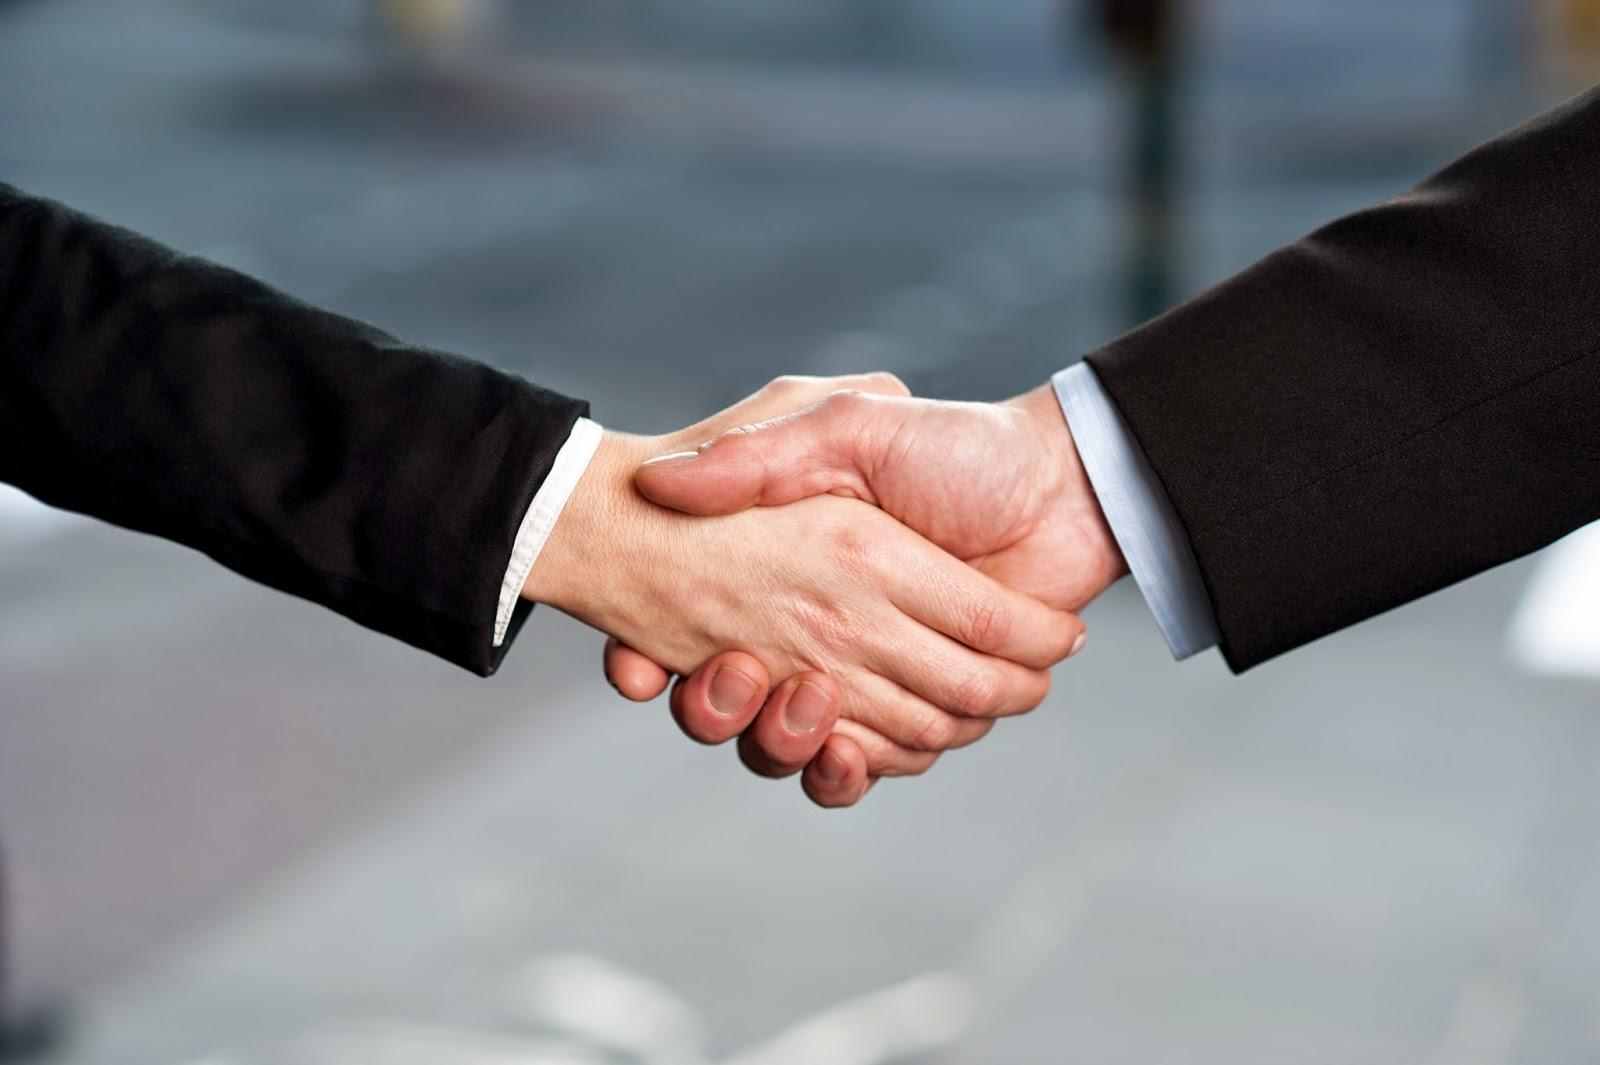 advogado, Contrato, contrato de prestação de serviços, direito, empreendedor, Empresa, empresário, pequena empresa, Startup,